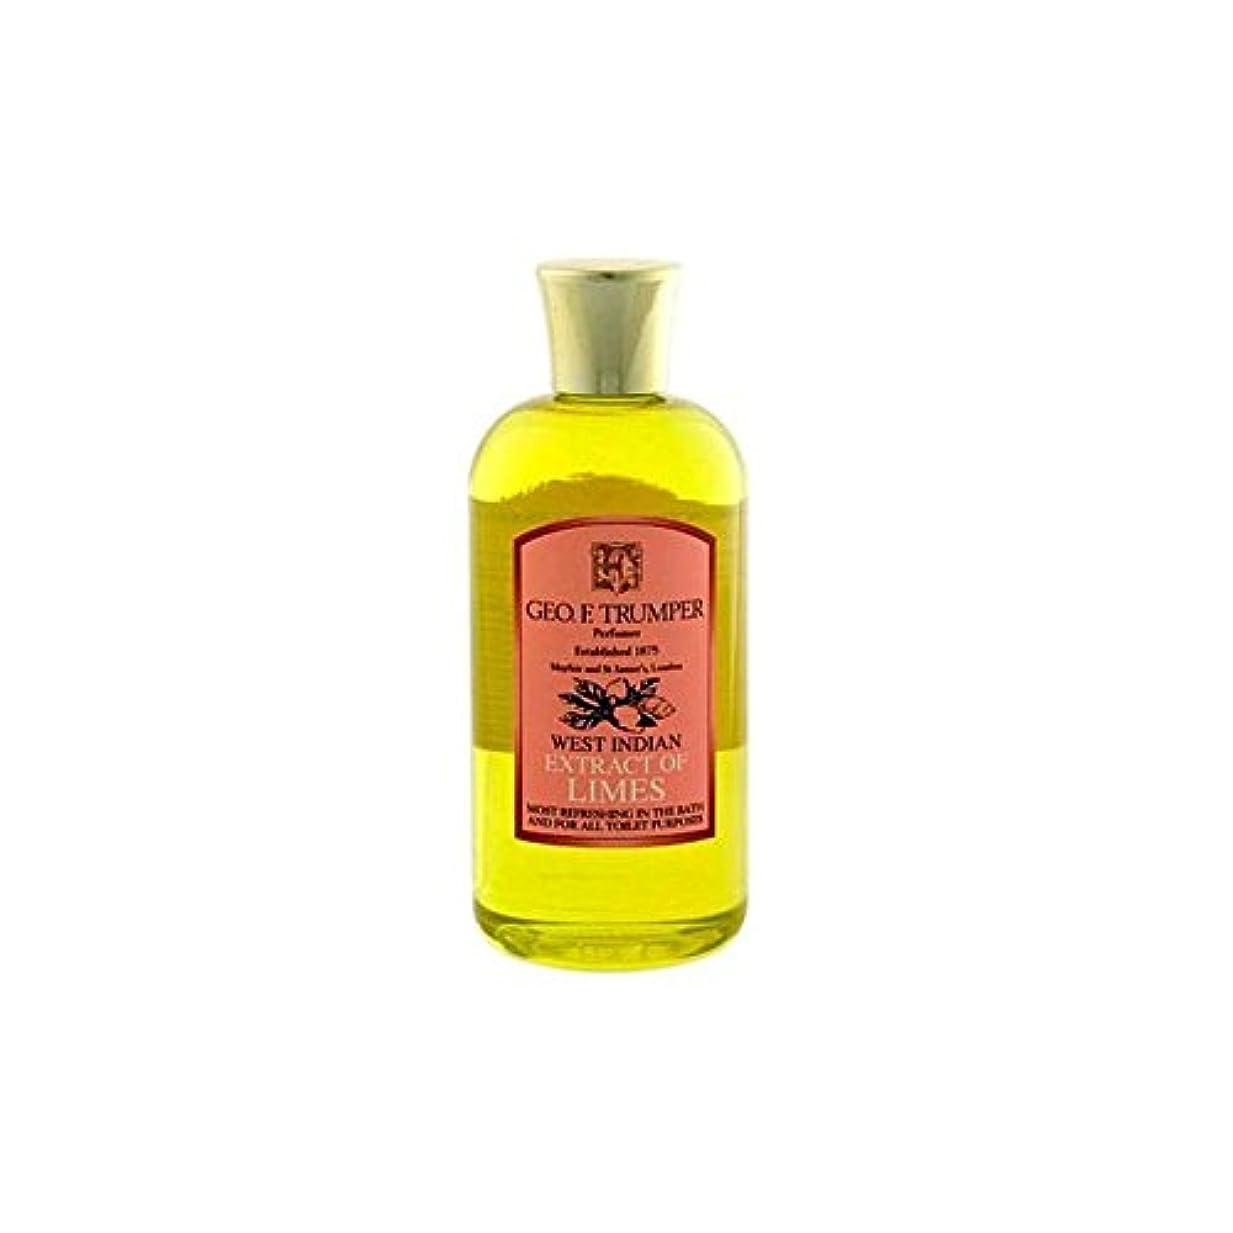 苦しむ泥苦情文句Trumpers Extracts of Limes Bath and Shower Gel 200ml (Pack of 6) - ライムのバスタブとシャワージェル200の抽出物を x6 [並行輸入品]